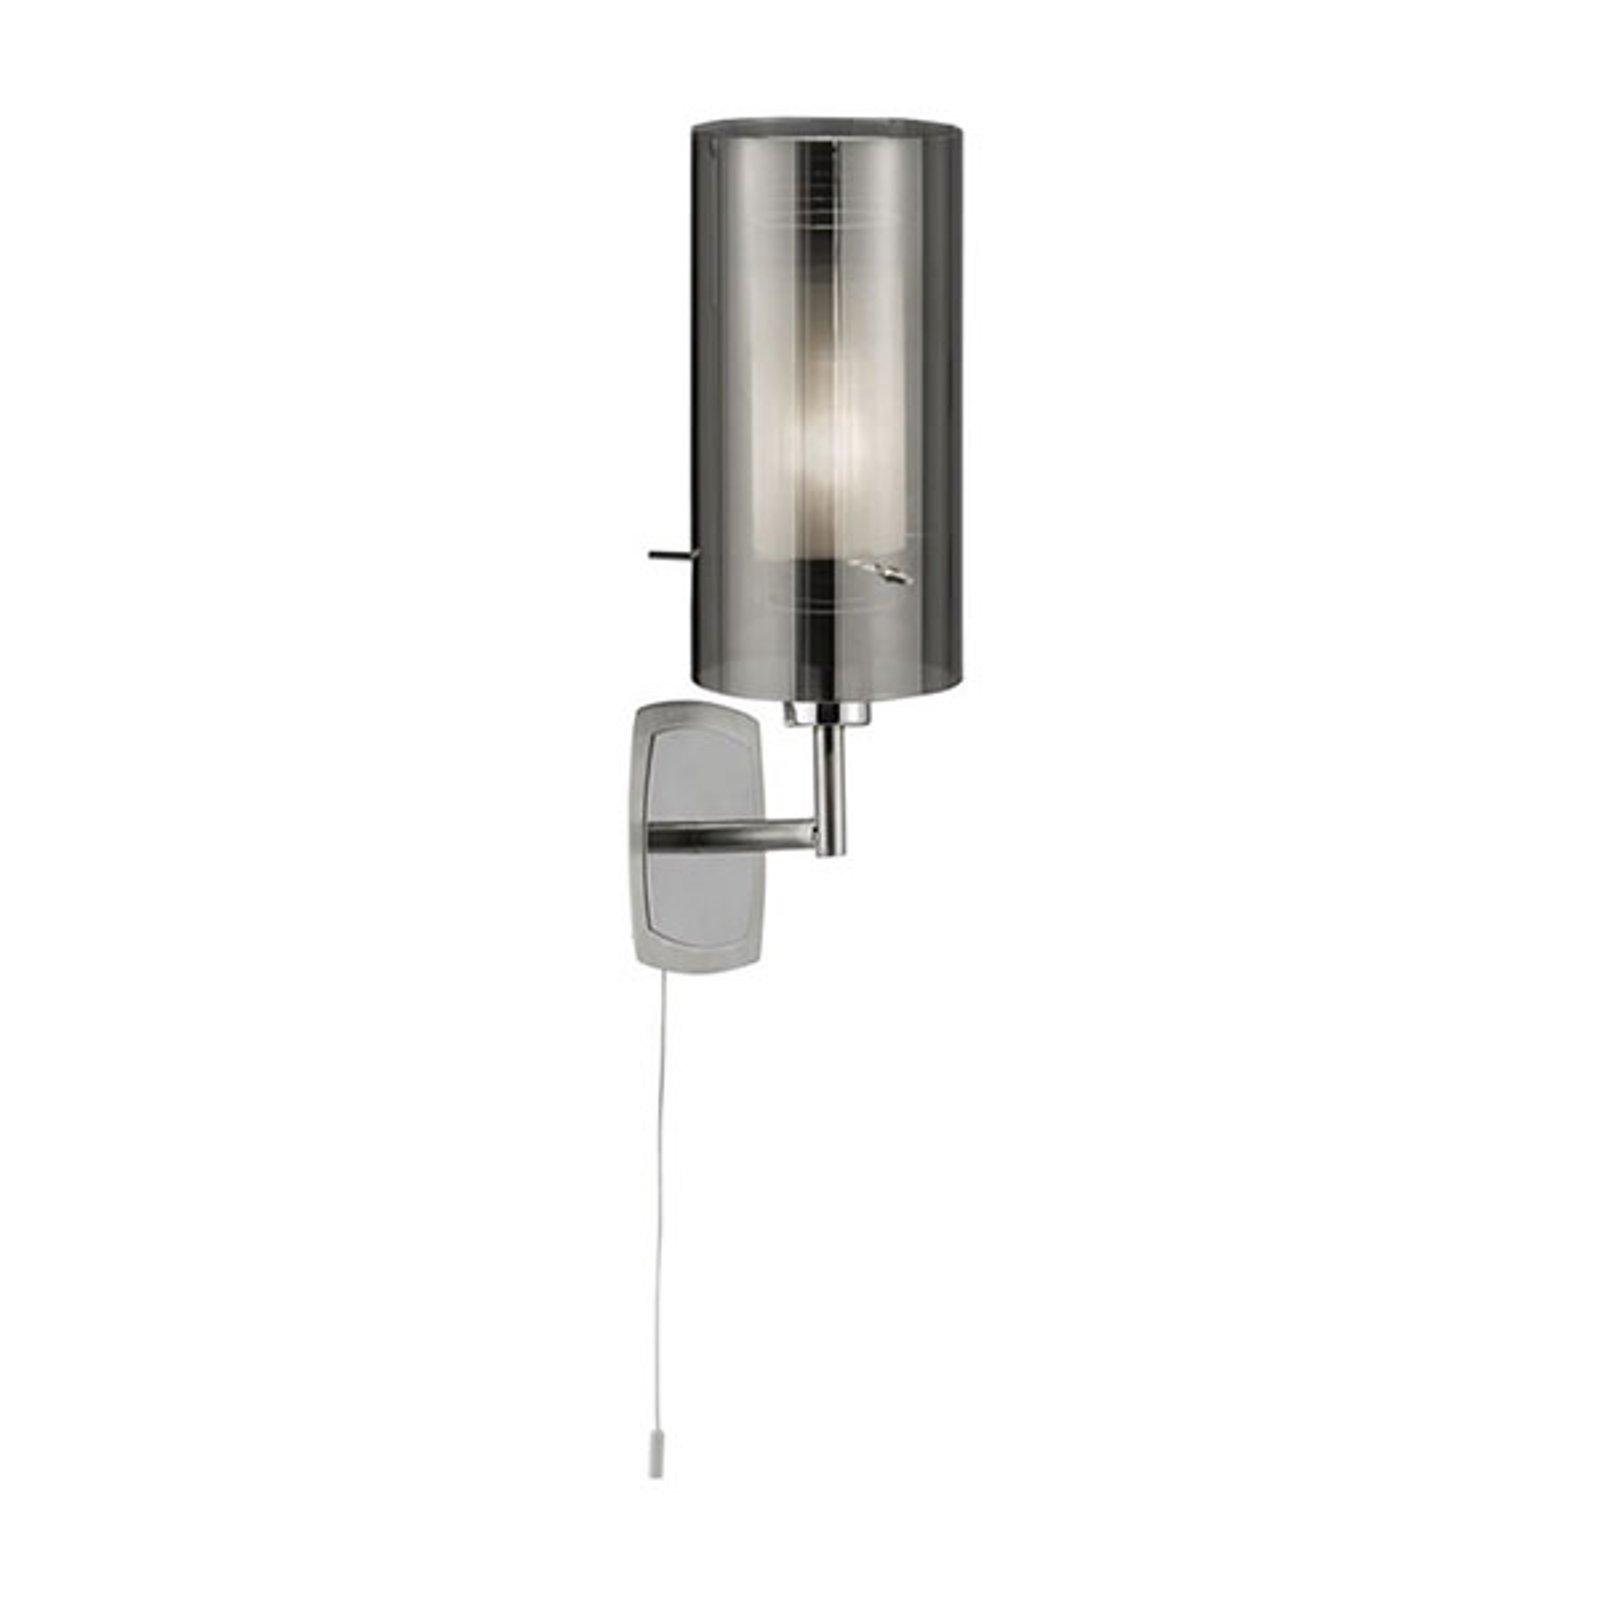 Vegglampe Duo 2, røykglass/krom med bryter